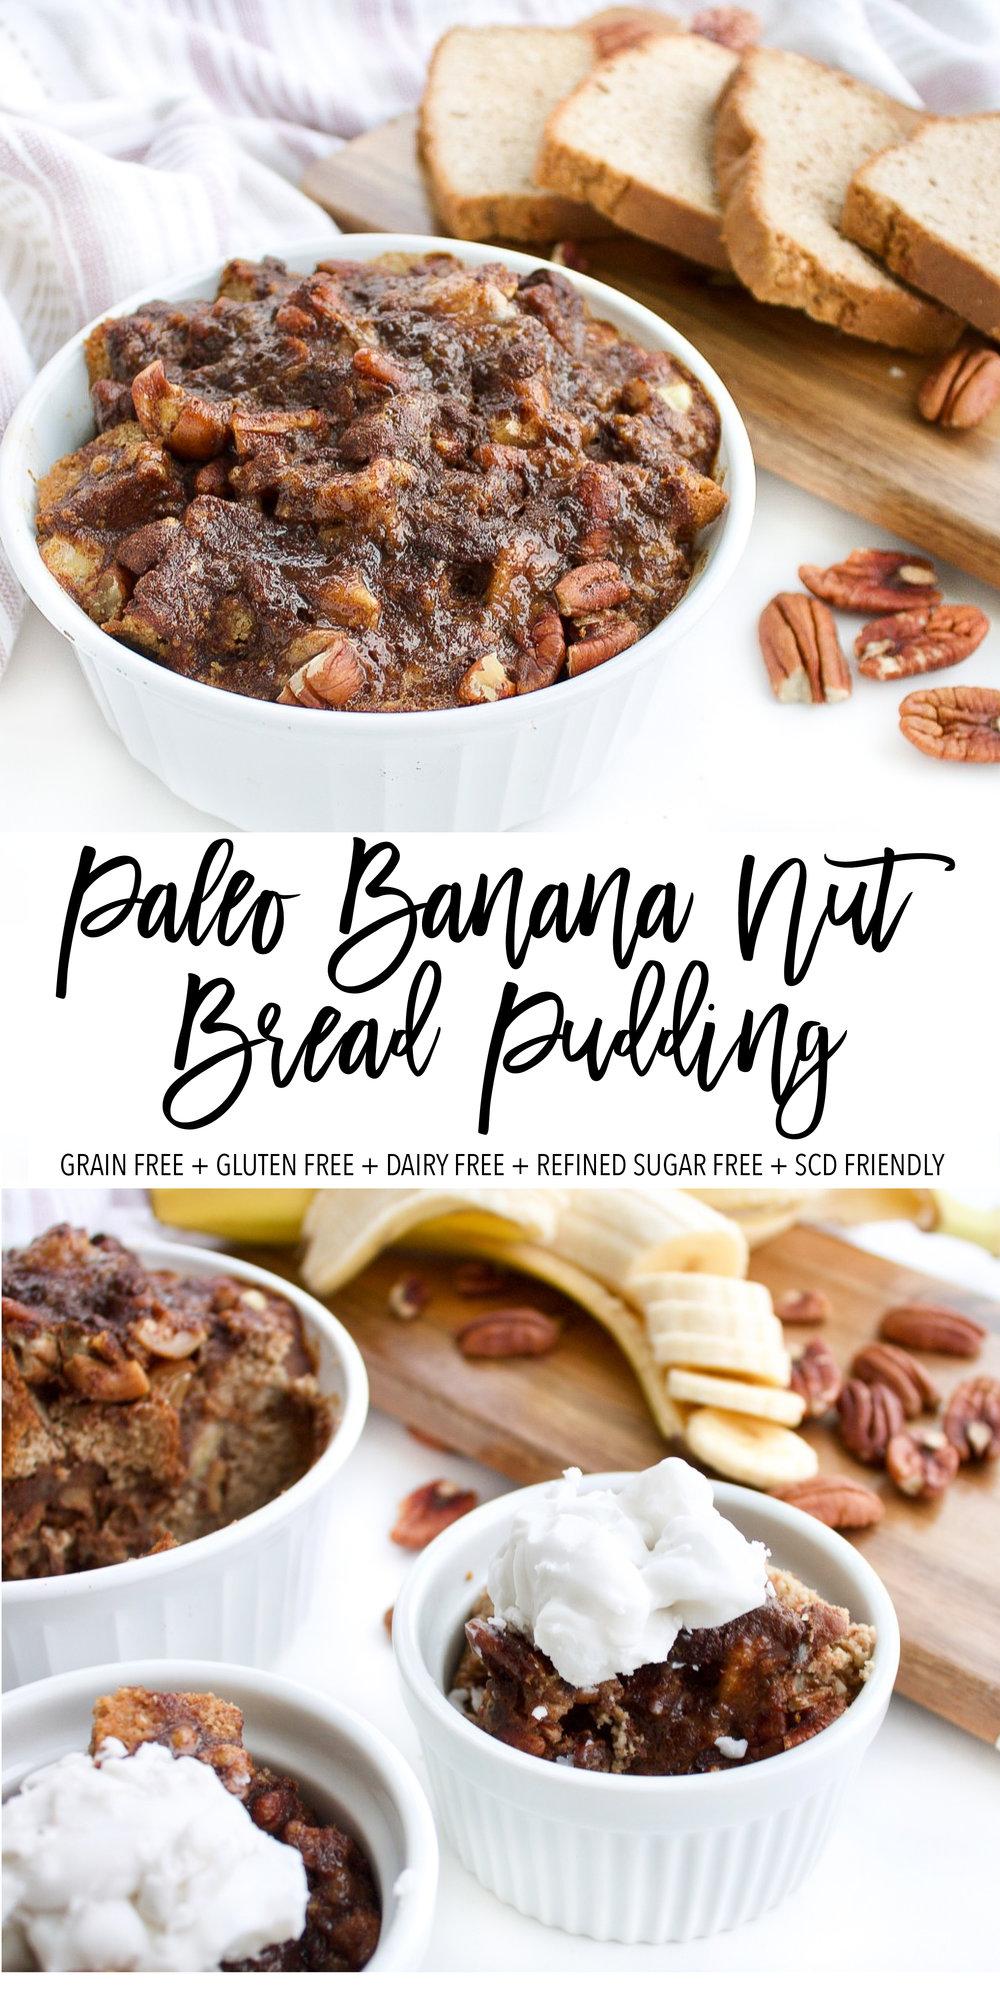 BANANA NUT PALEO BREAD PUDDING